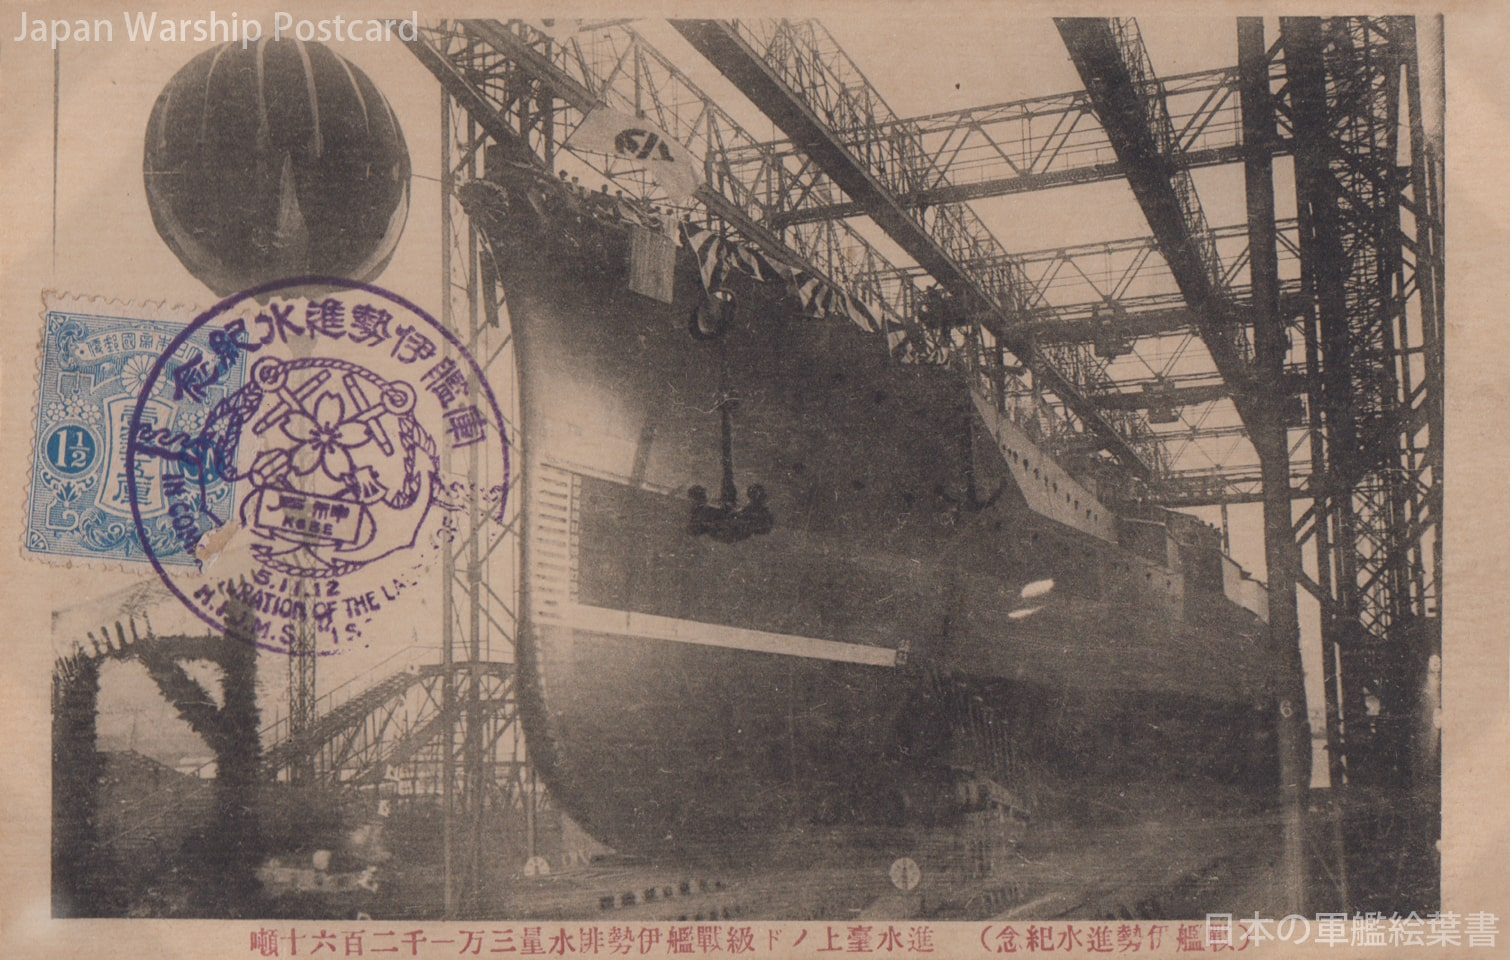 進水台上ノド級戦艦伊勢排水量三万一千二百六十噸(戦艦伊勢進水記念)